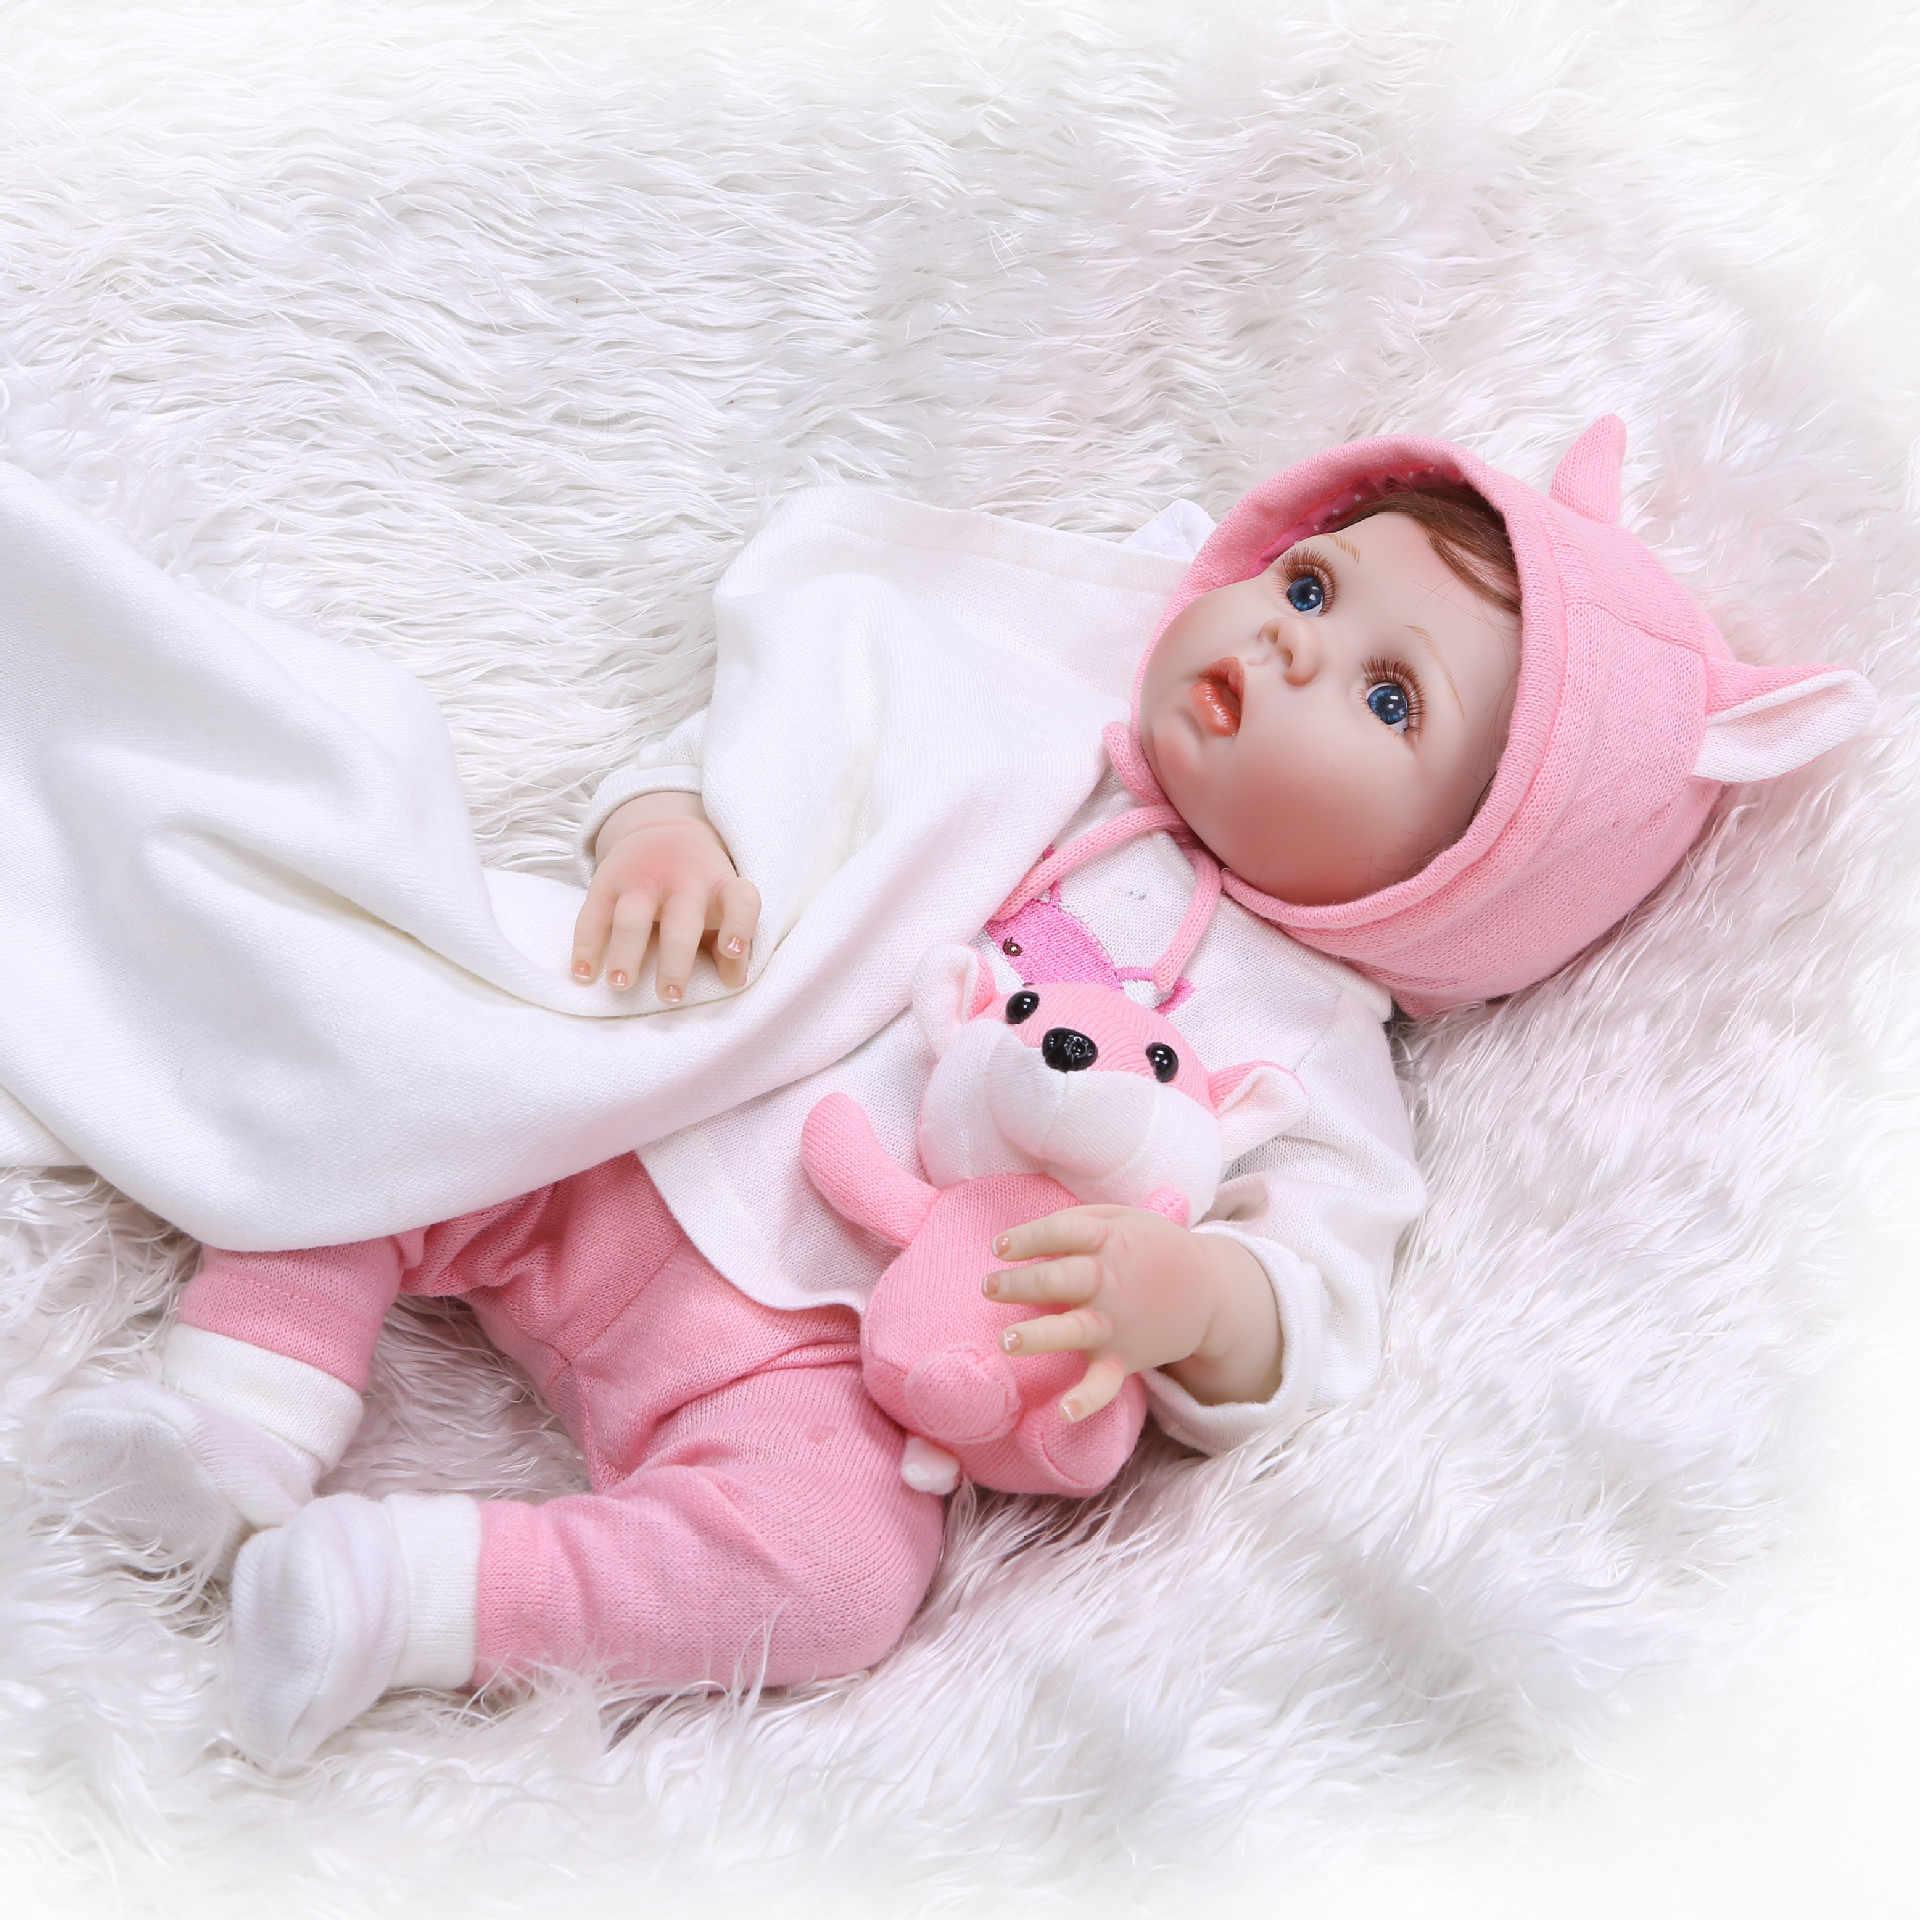 55 см Reborn Baby Dolls виниловый силиконовый реалистичный живой Мягкий Младенец Новорожденный малыш игрушки дети мальчик девочка Рождество подарки на день рождения